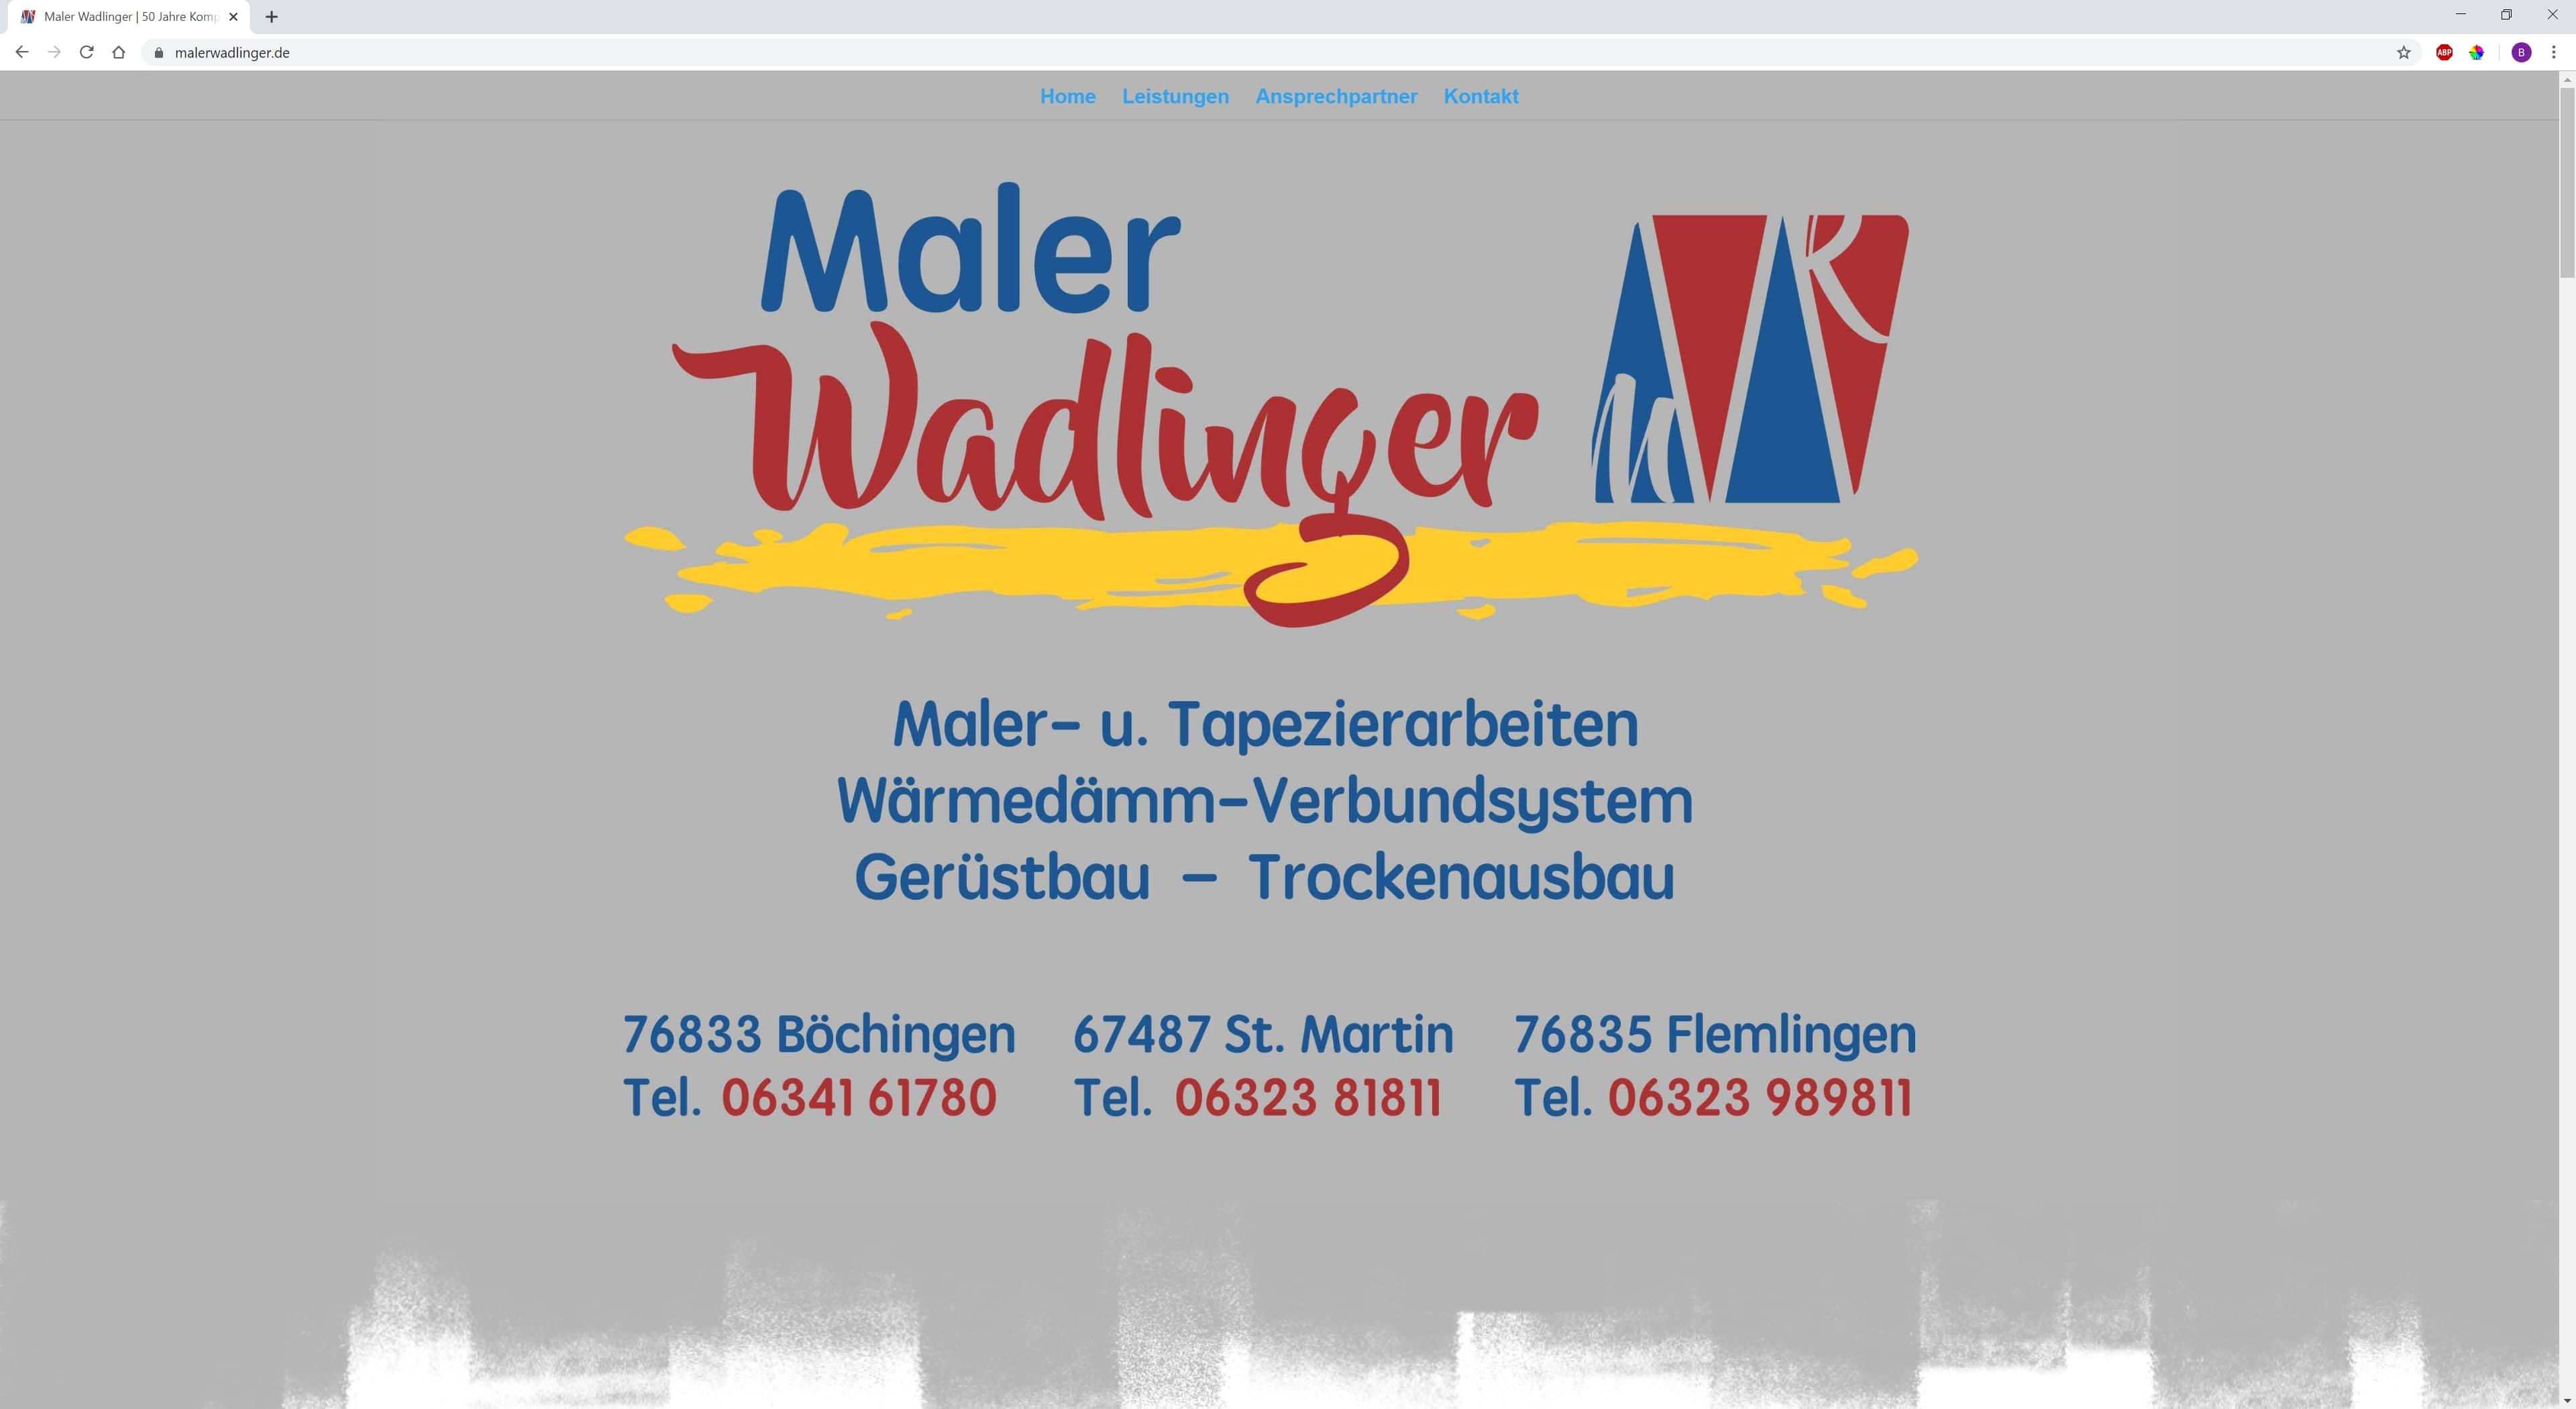 maler wadlinger 1